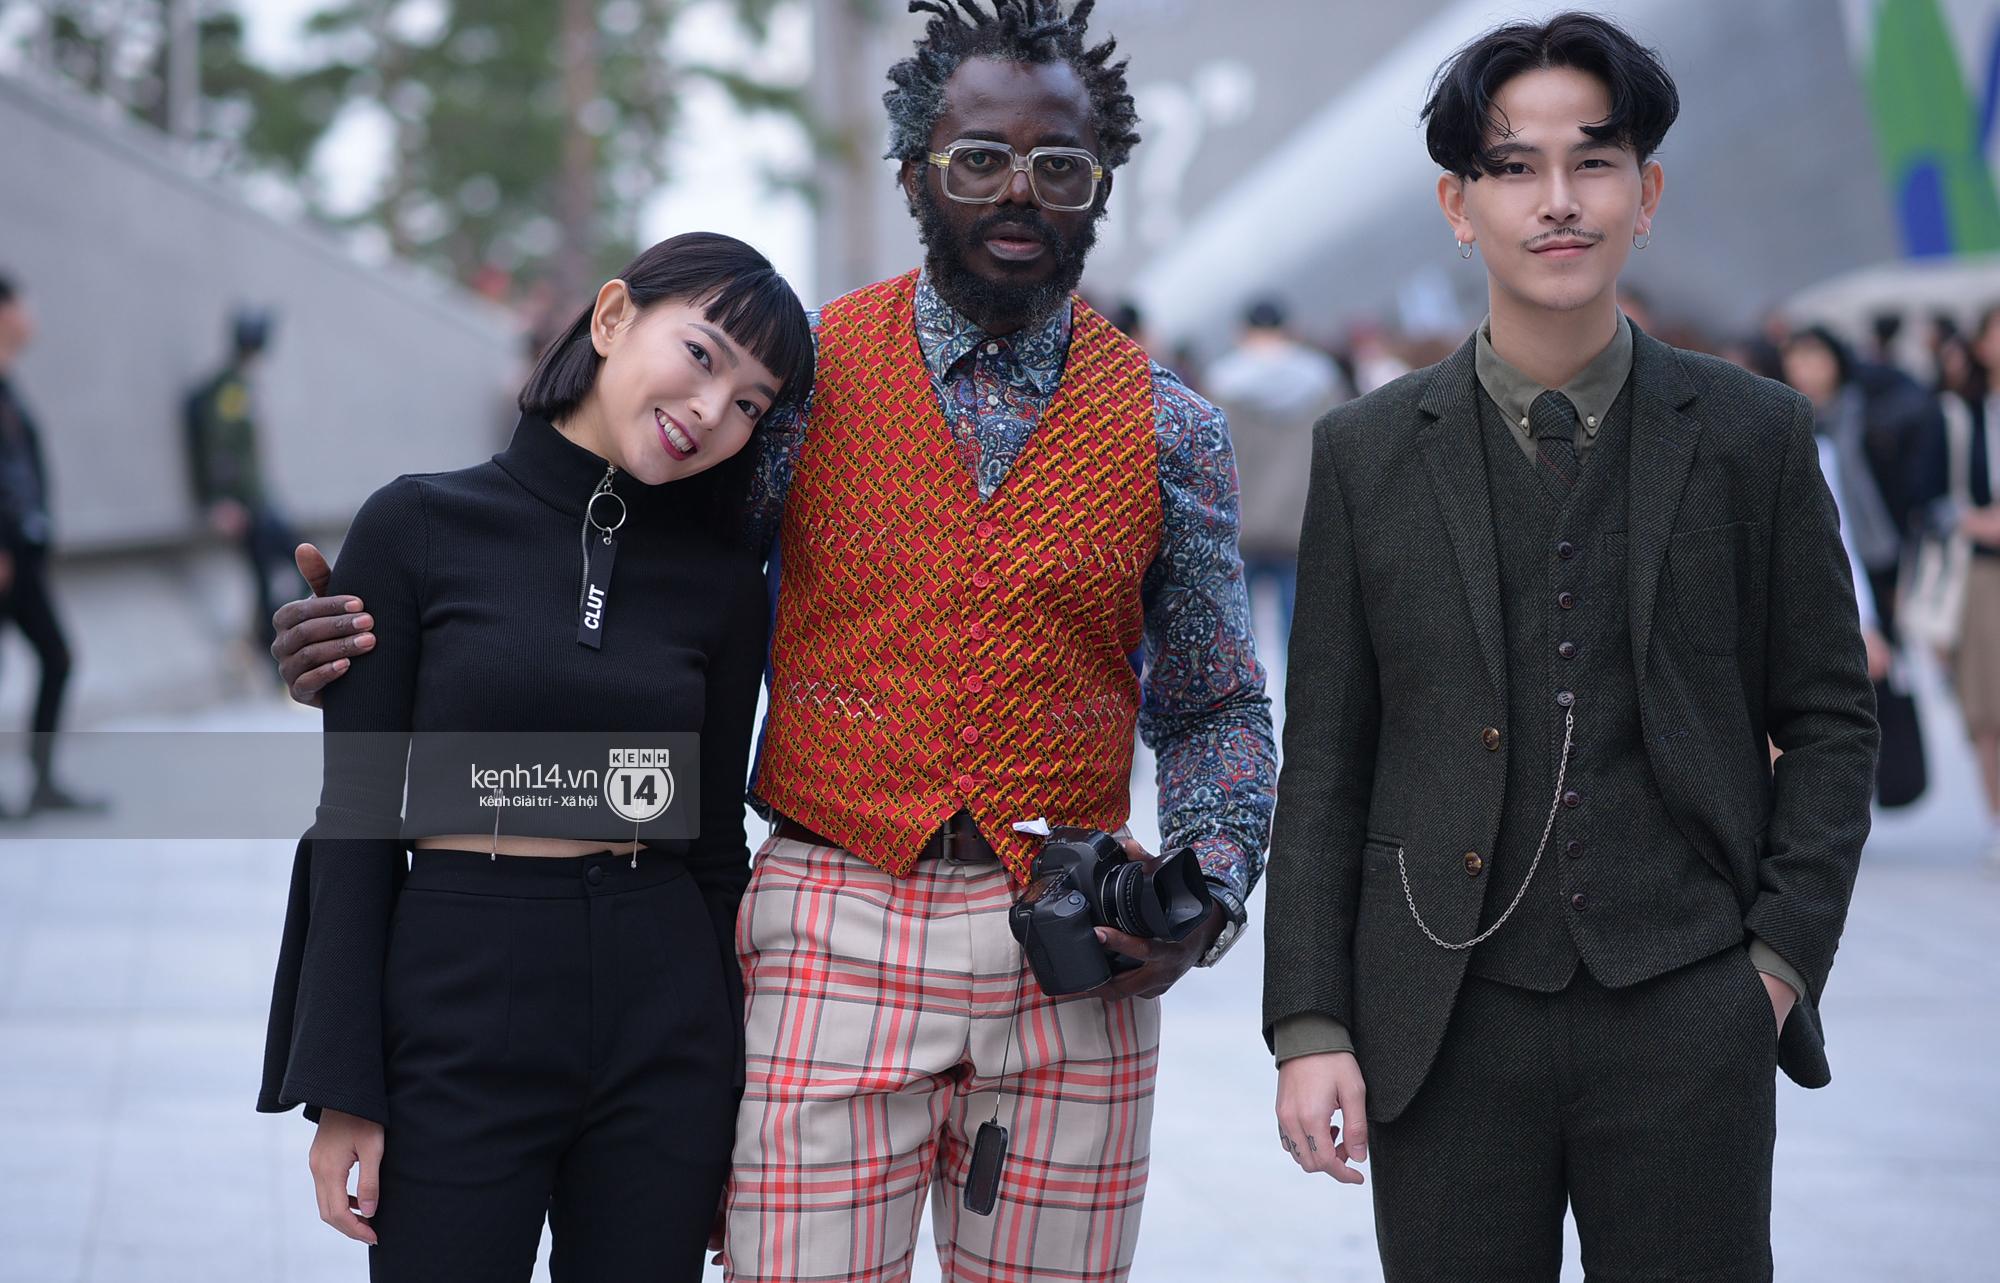 Ngày 5 Seoul Fashion Week: Fashionista Việt mặc gì để gây ấn tượng? - Ảnh 11.